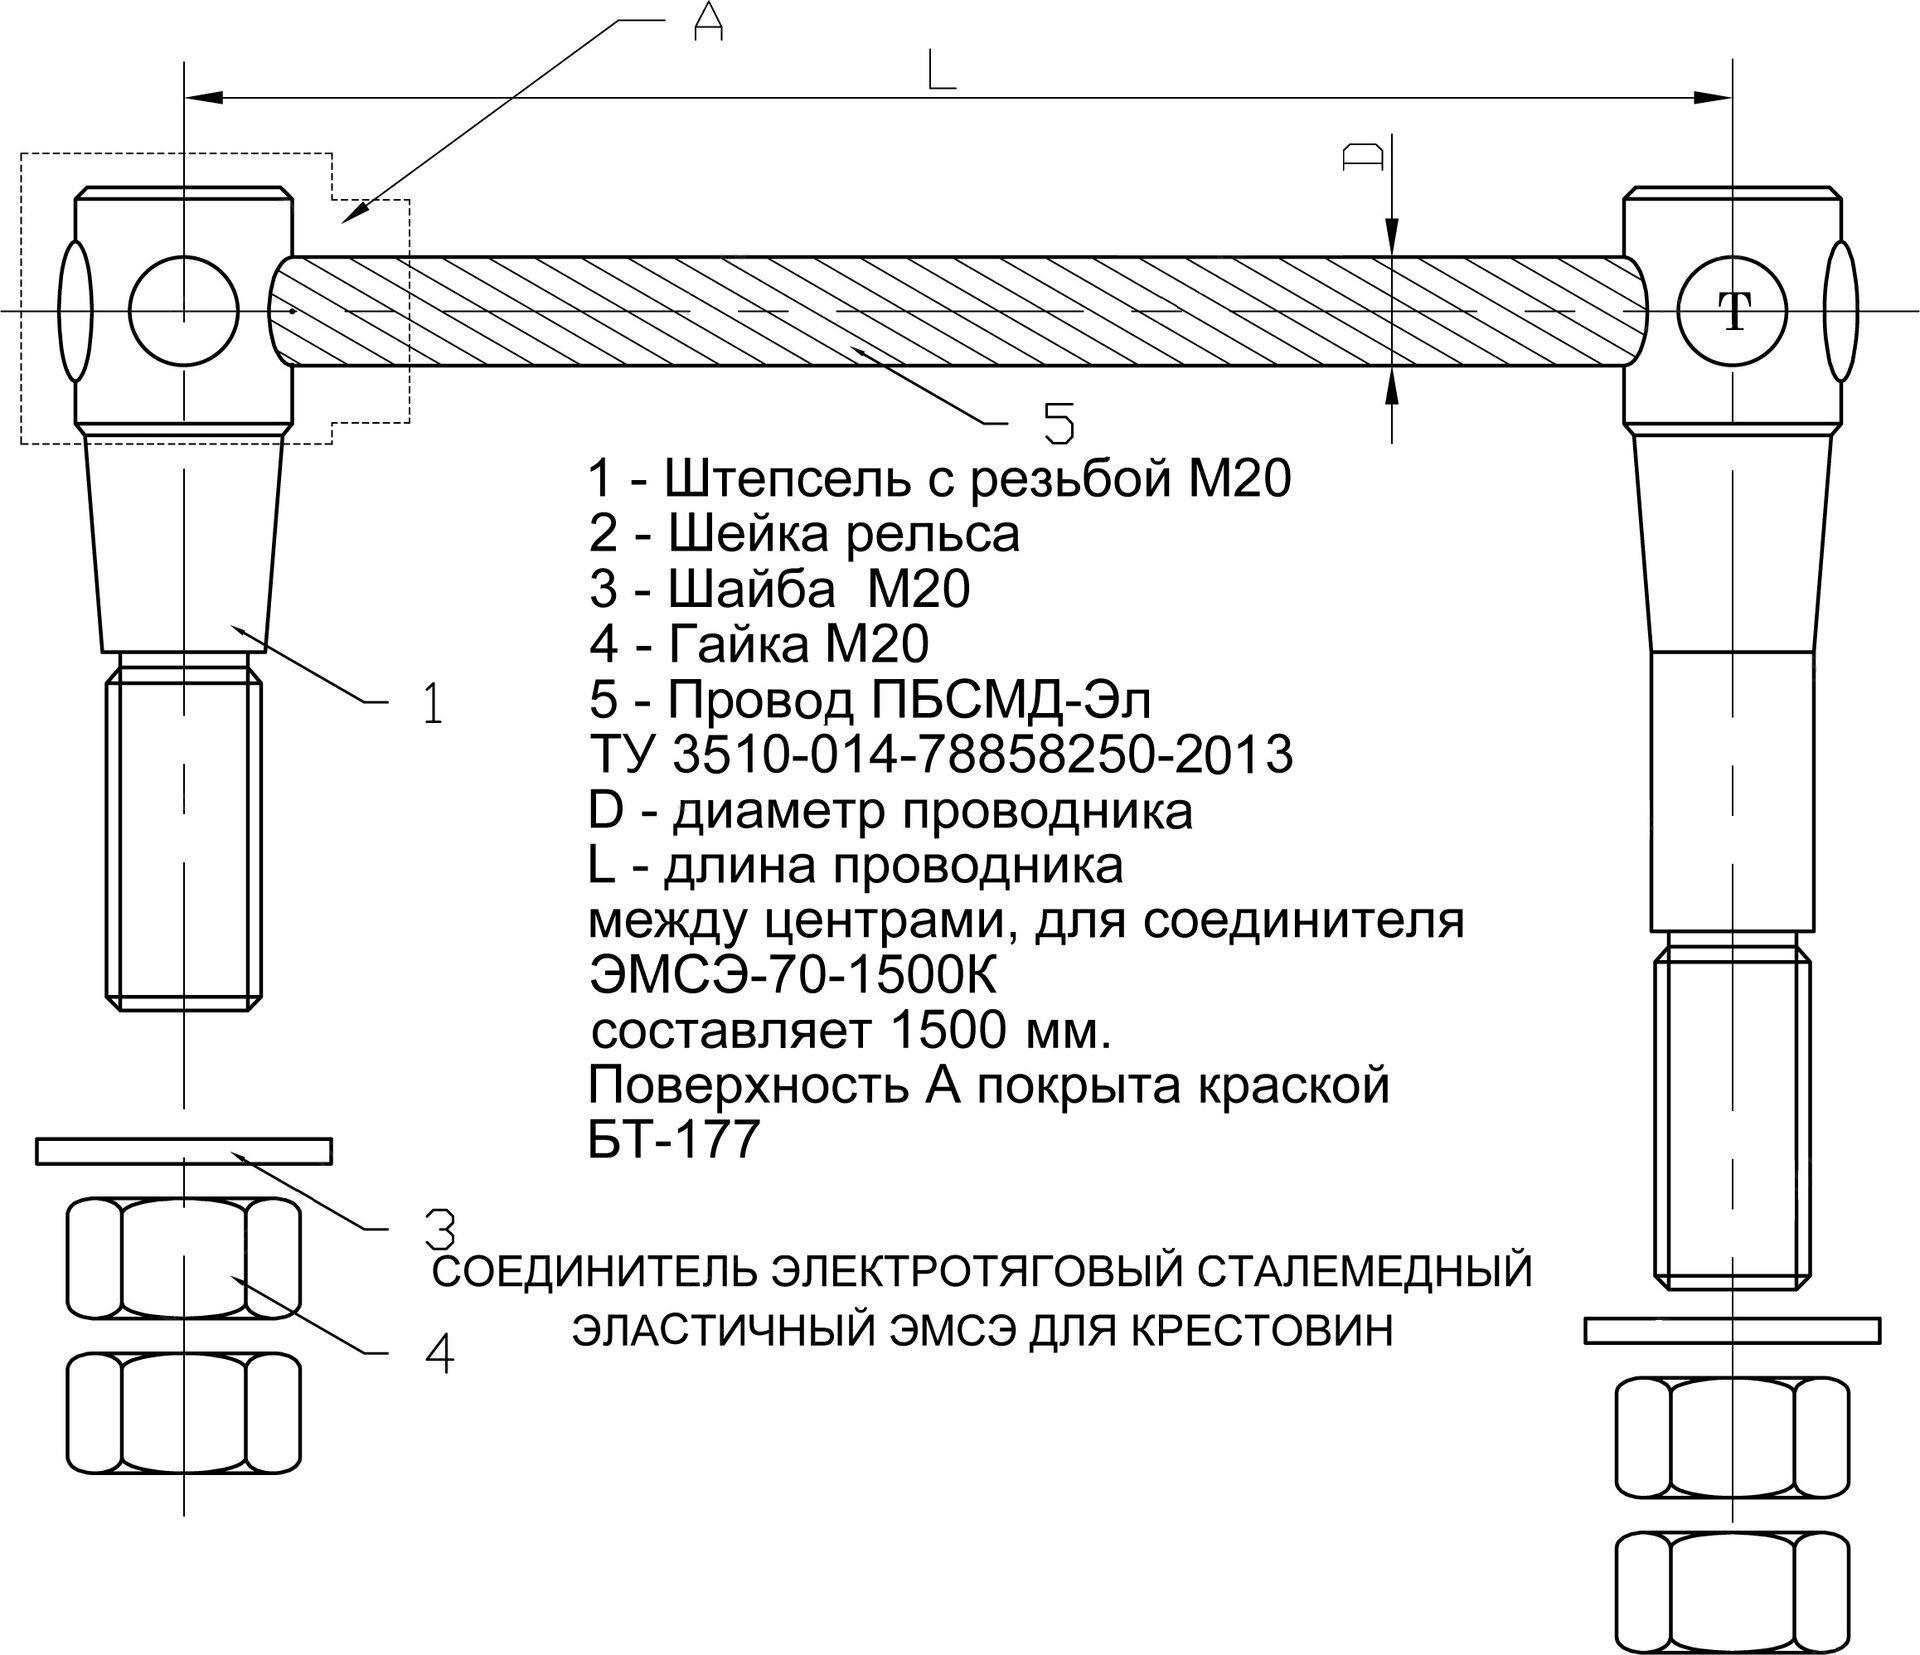 Соединитель электротяговый для крестовин ЭМС-120-4500 - фото pic_5696b4e4f95fa00_1920x9000_1.jpg